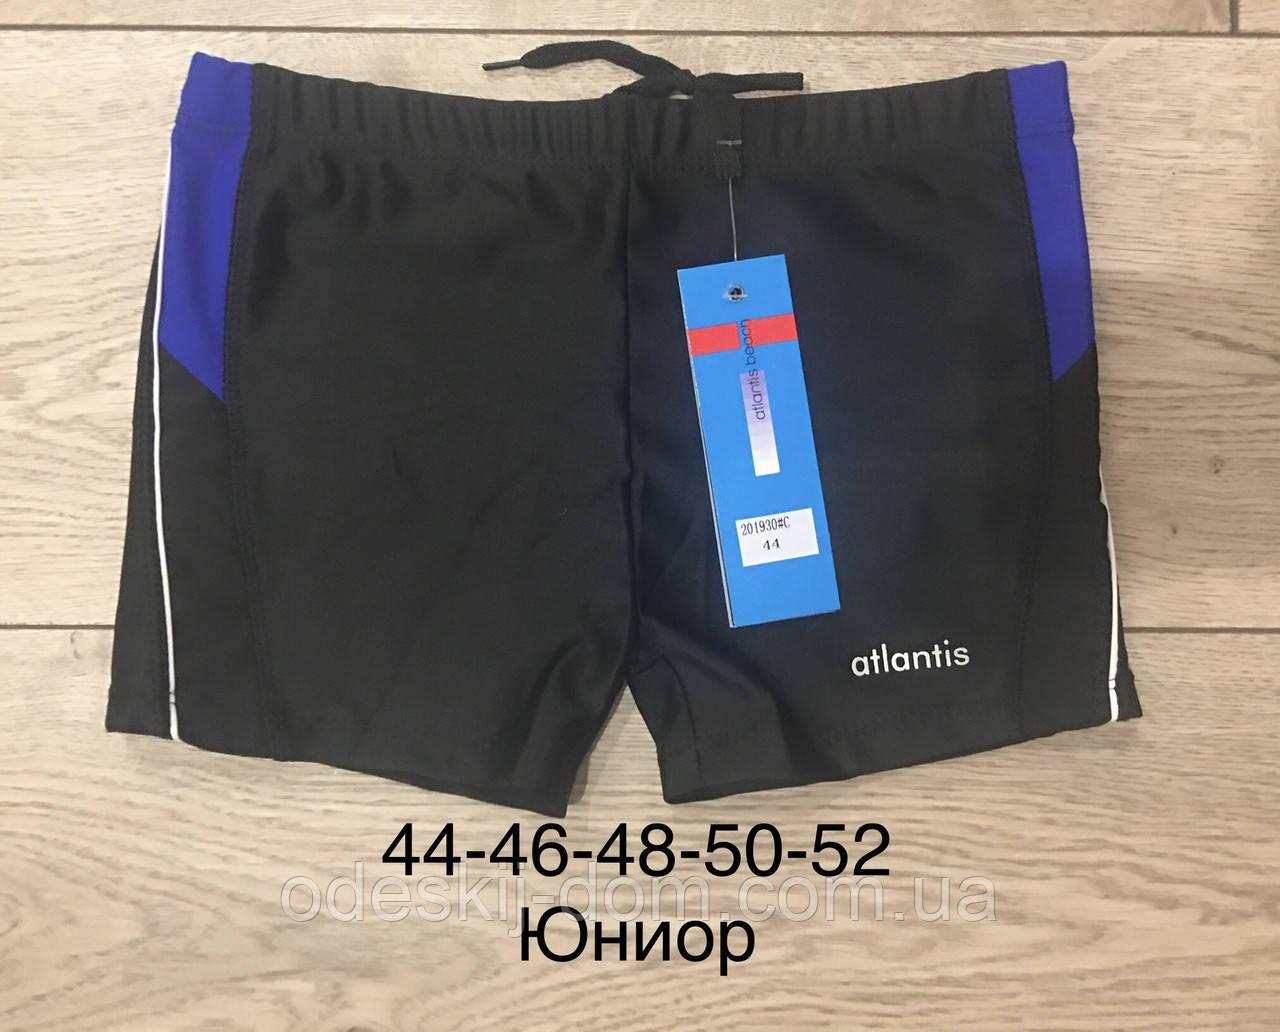 Юниор шорты для купания с сеткой тм Атлантик